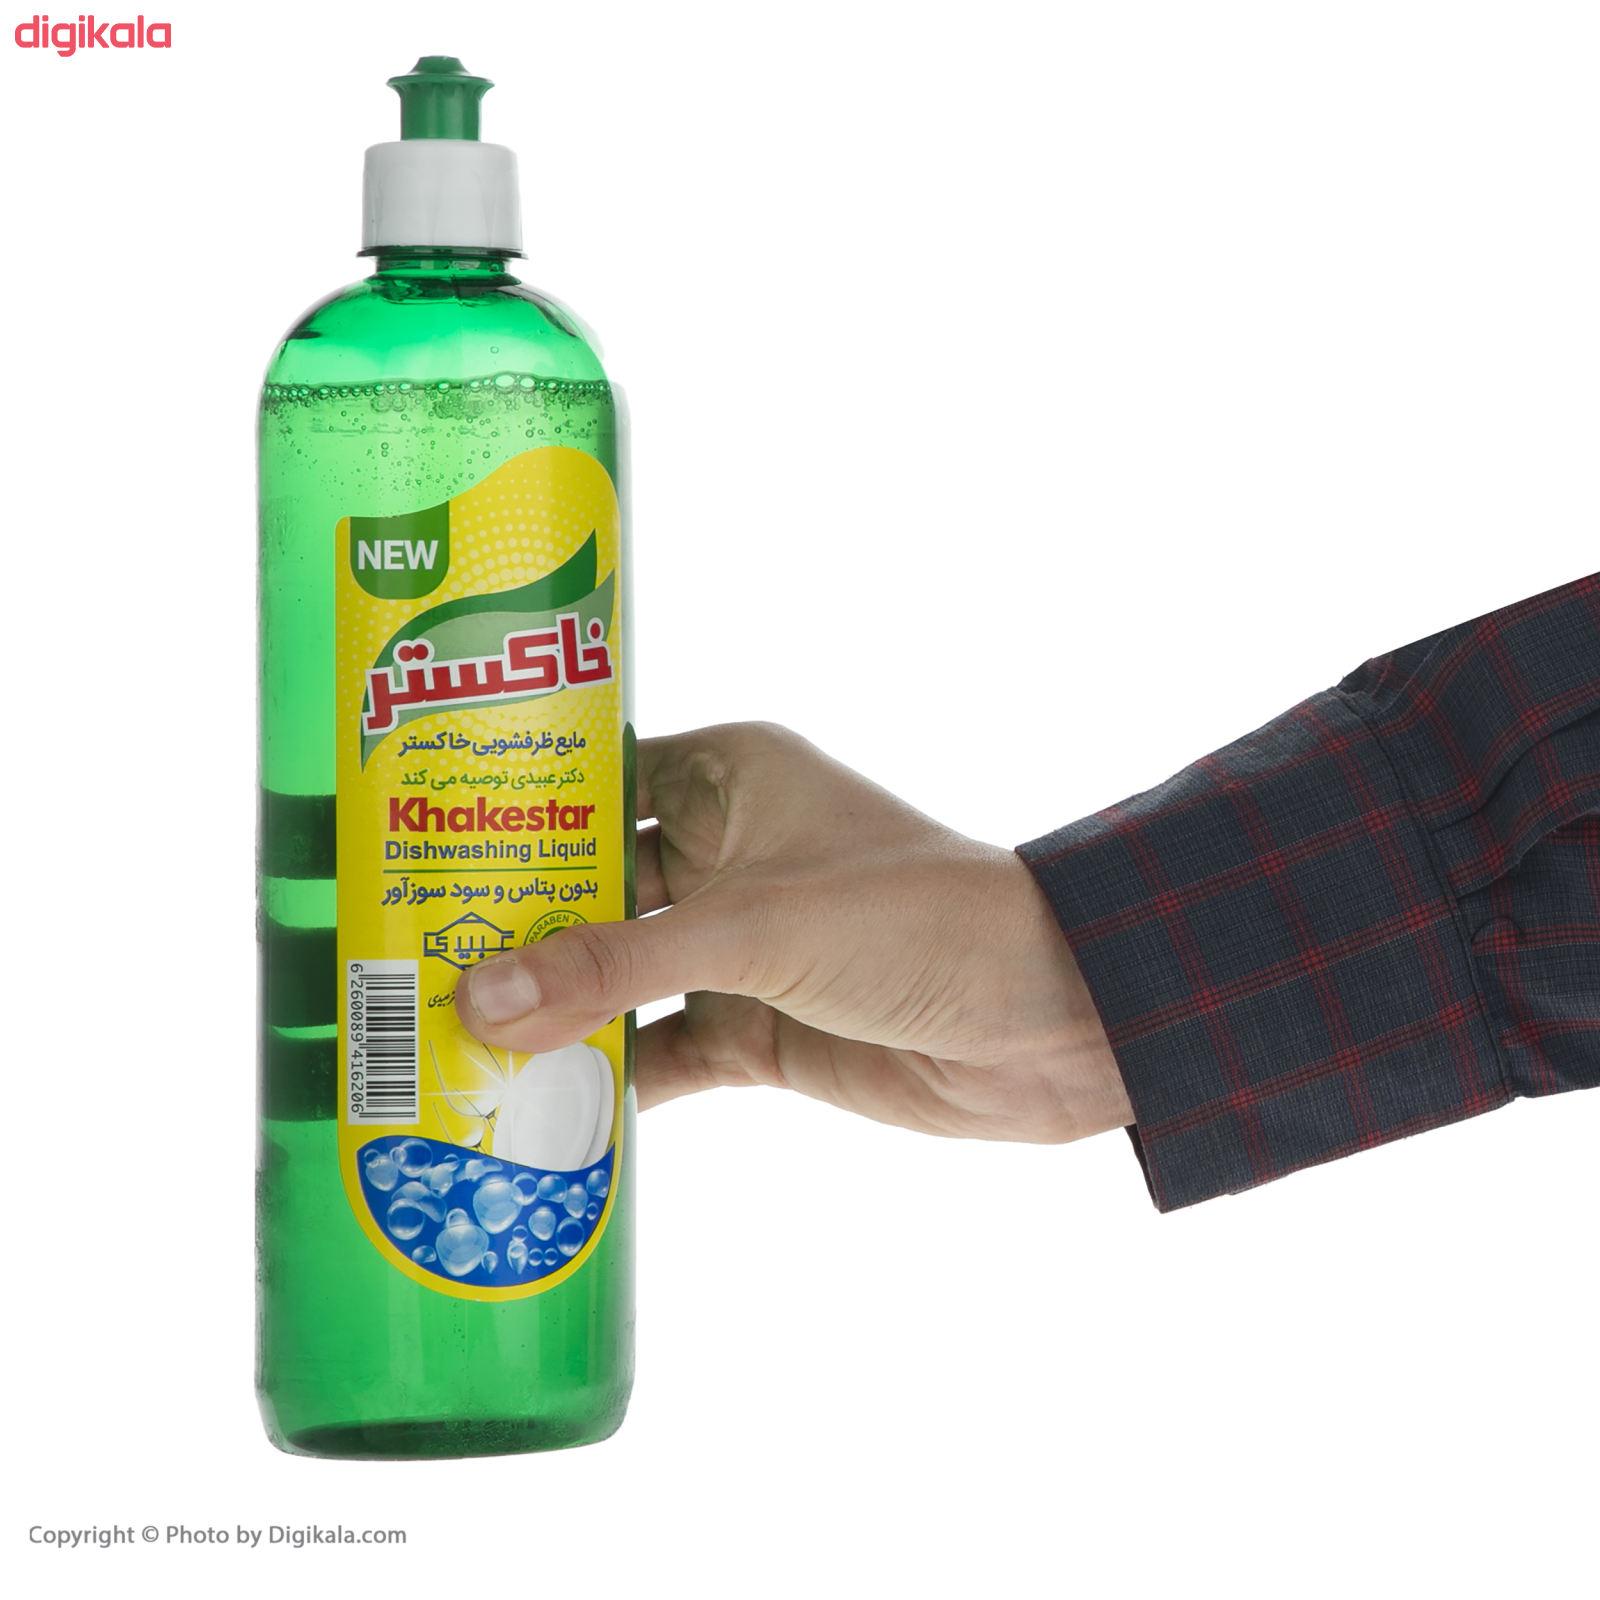 مایع ظرفشویی خاکستر کد 01 مقدار 800 گرم main 1 3